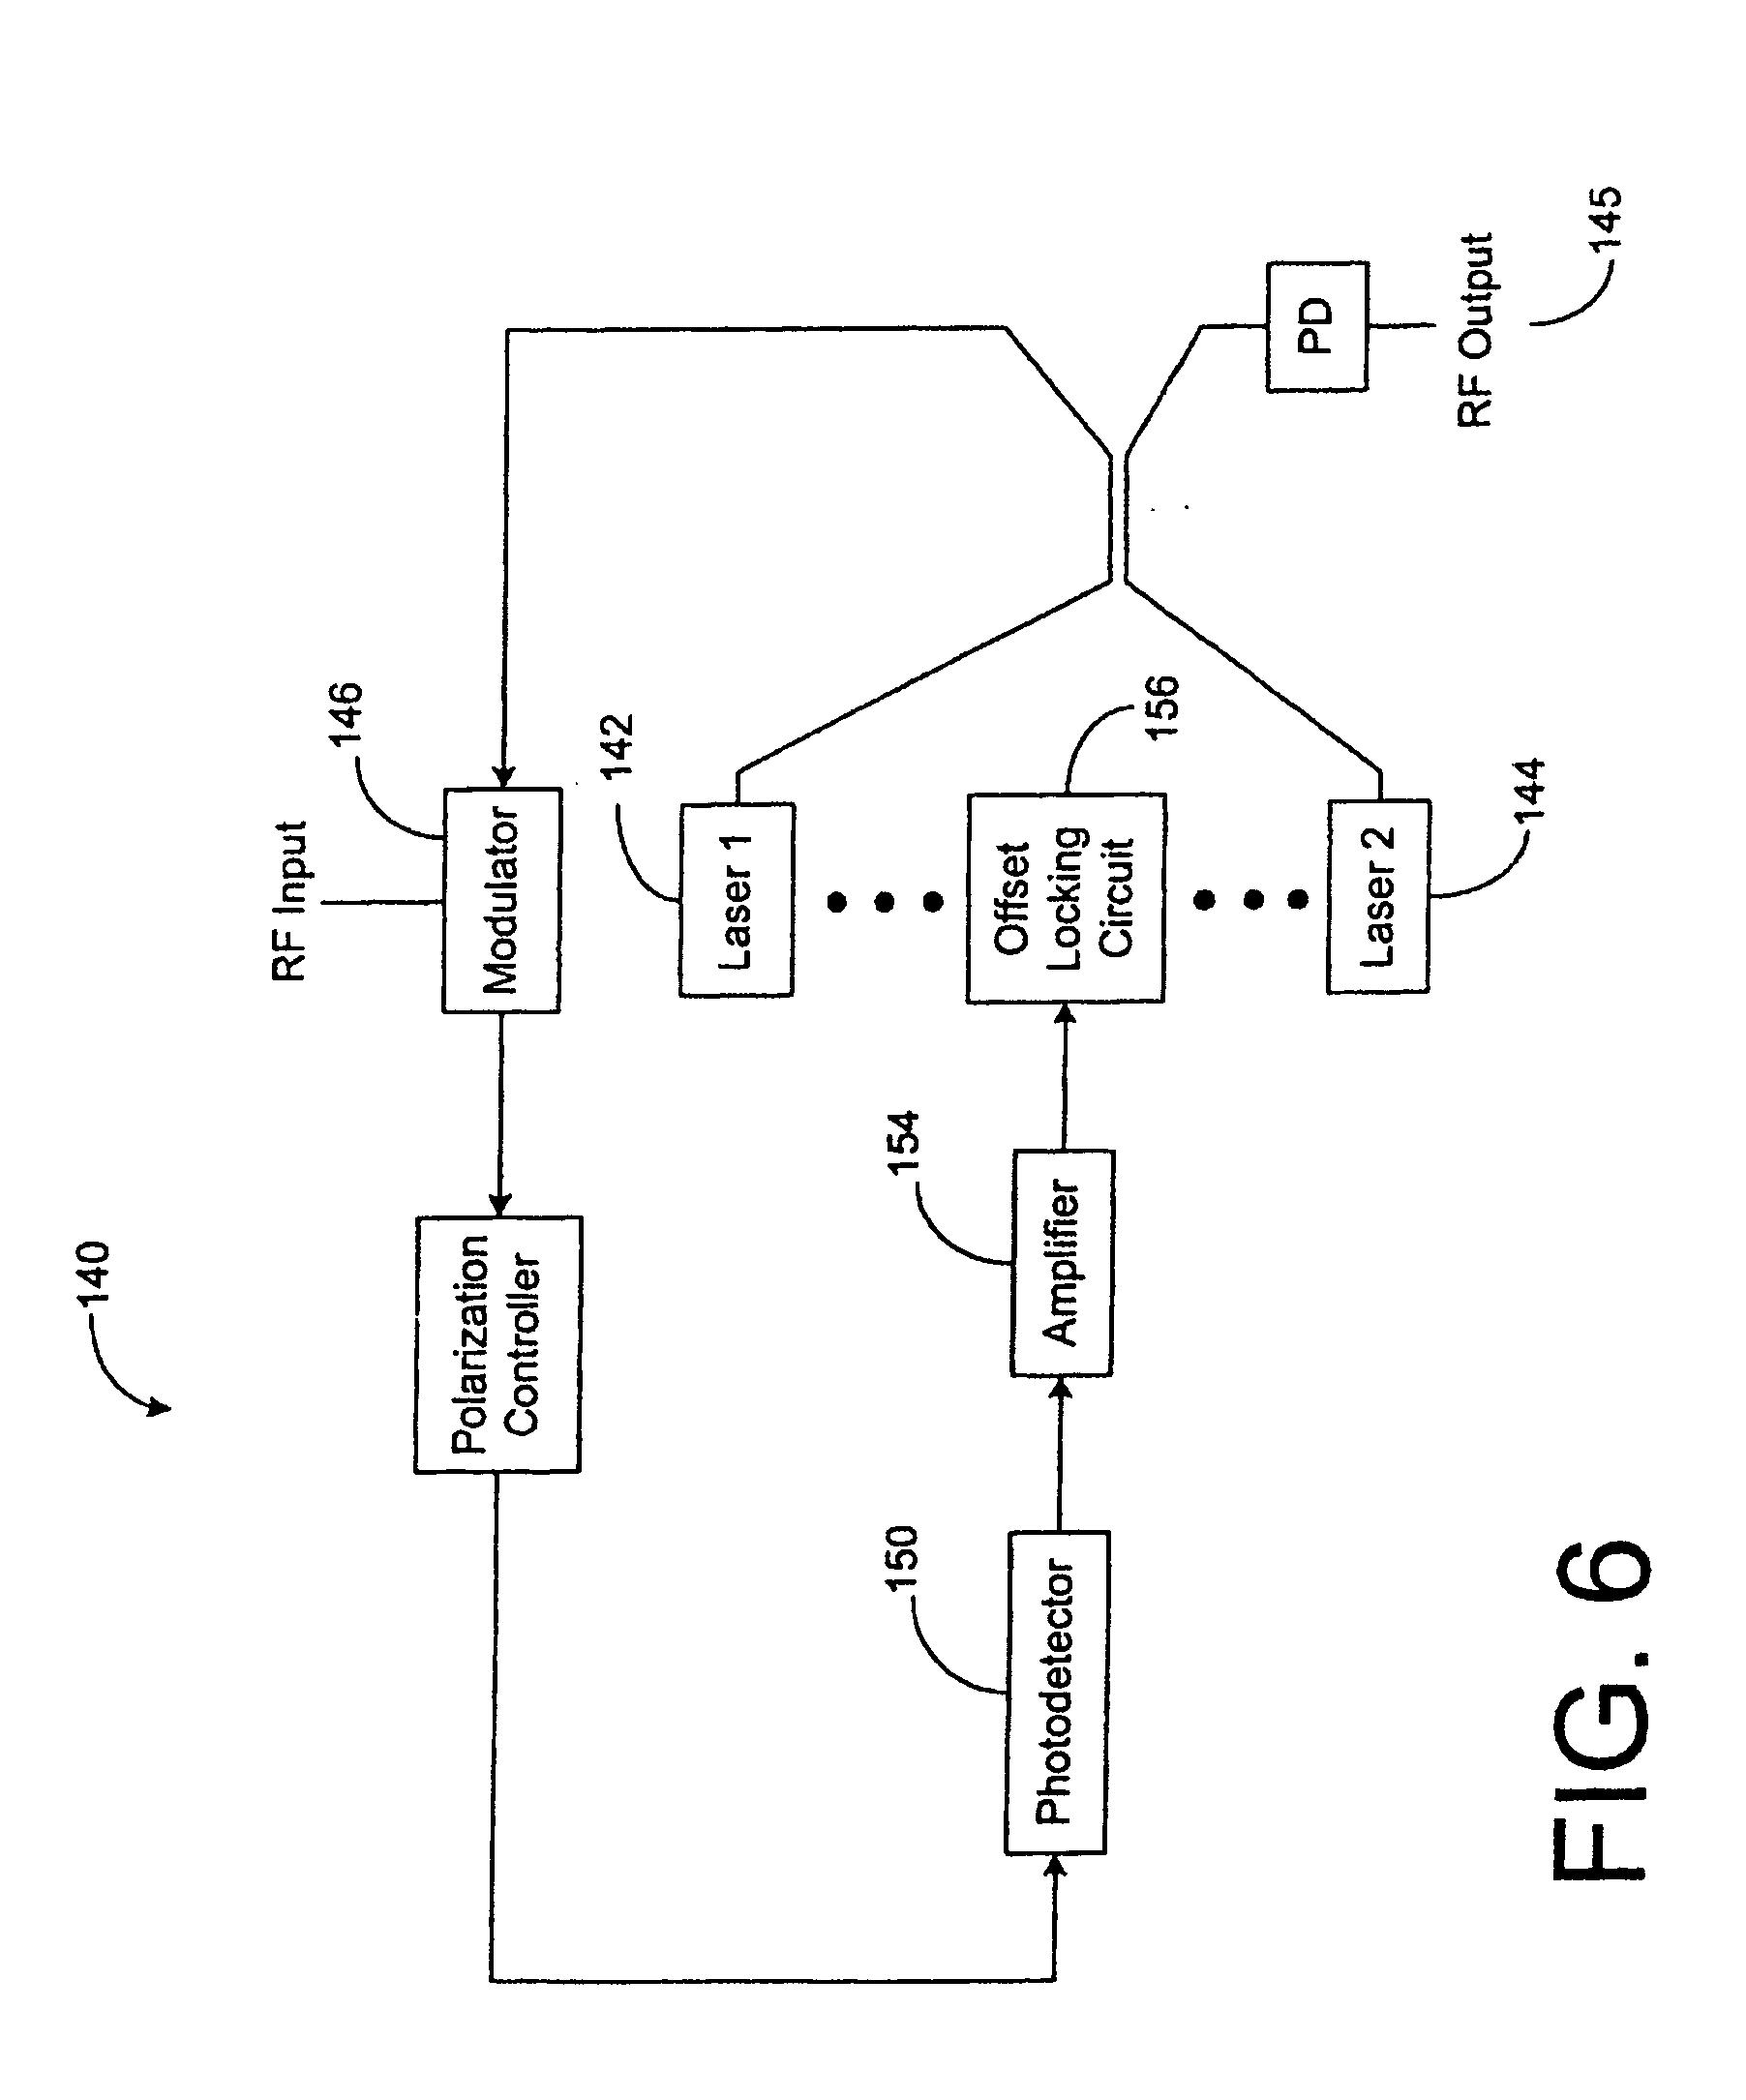 patent us20050201759